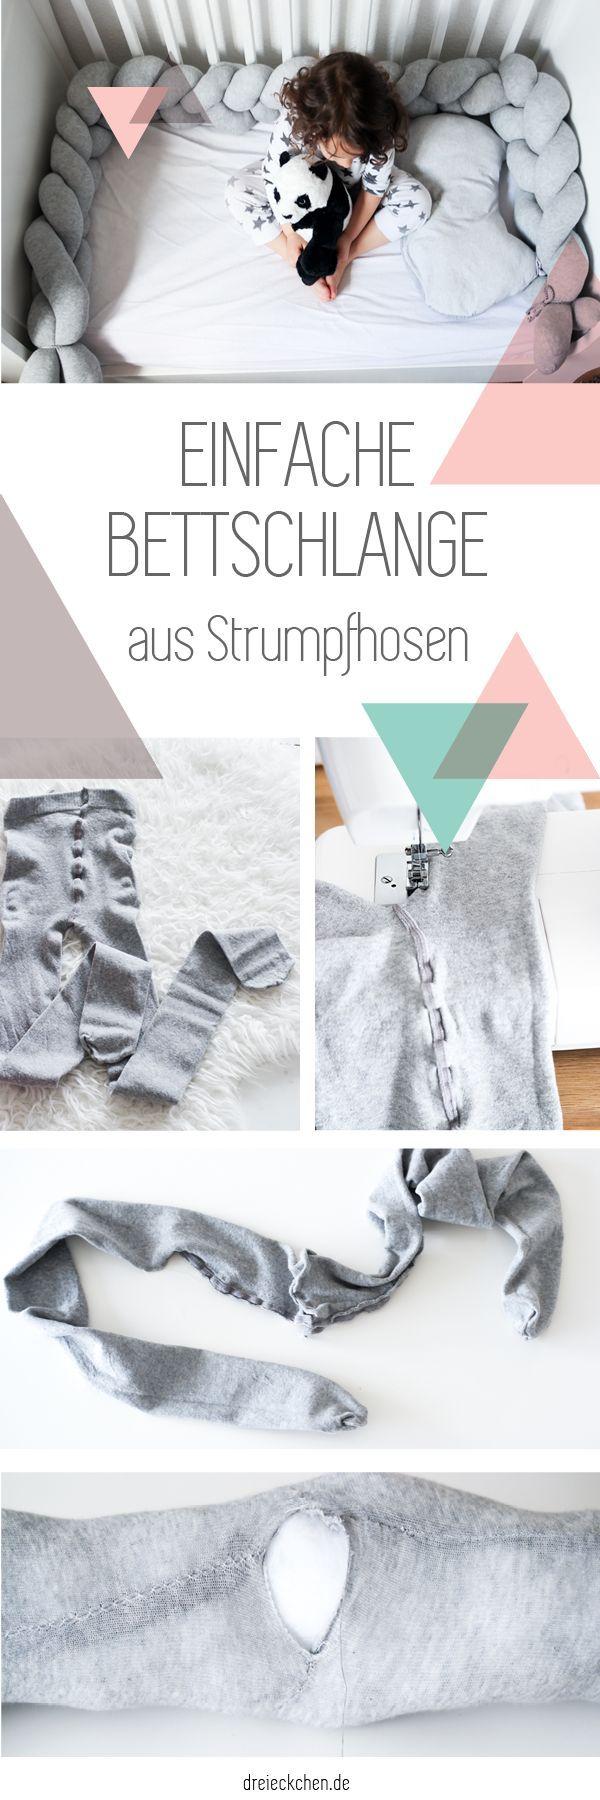 , DIY Bettschlange aus Strumpfhosen selbst machen, My Babies Blog 2020, My Babies Blog 2020